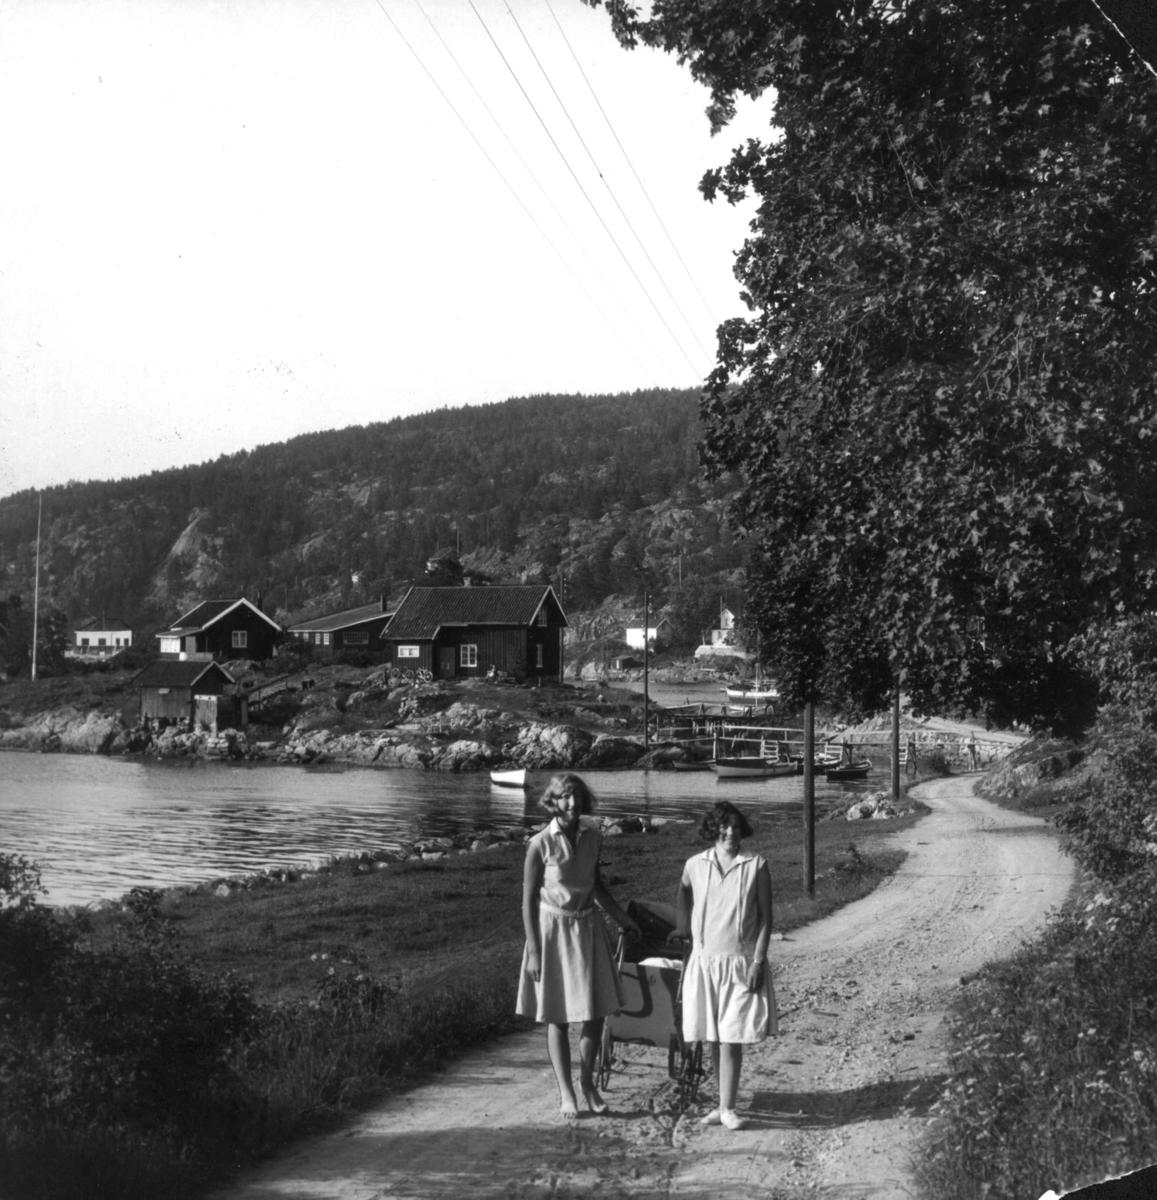 Drøbak, Akershus 1929. To unge kvinner i sommerkjoler med barnevogn står på en vei som går langs sjøen. Bebyggelse og båter ses i bakgrunnen.